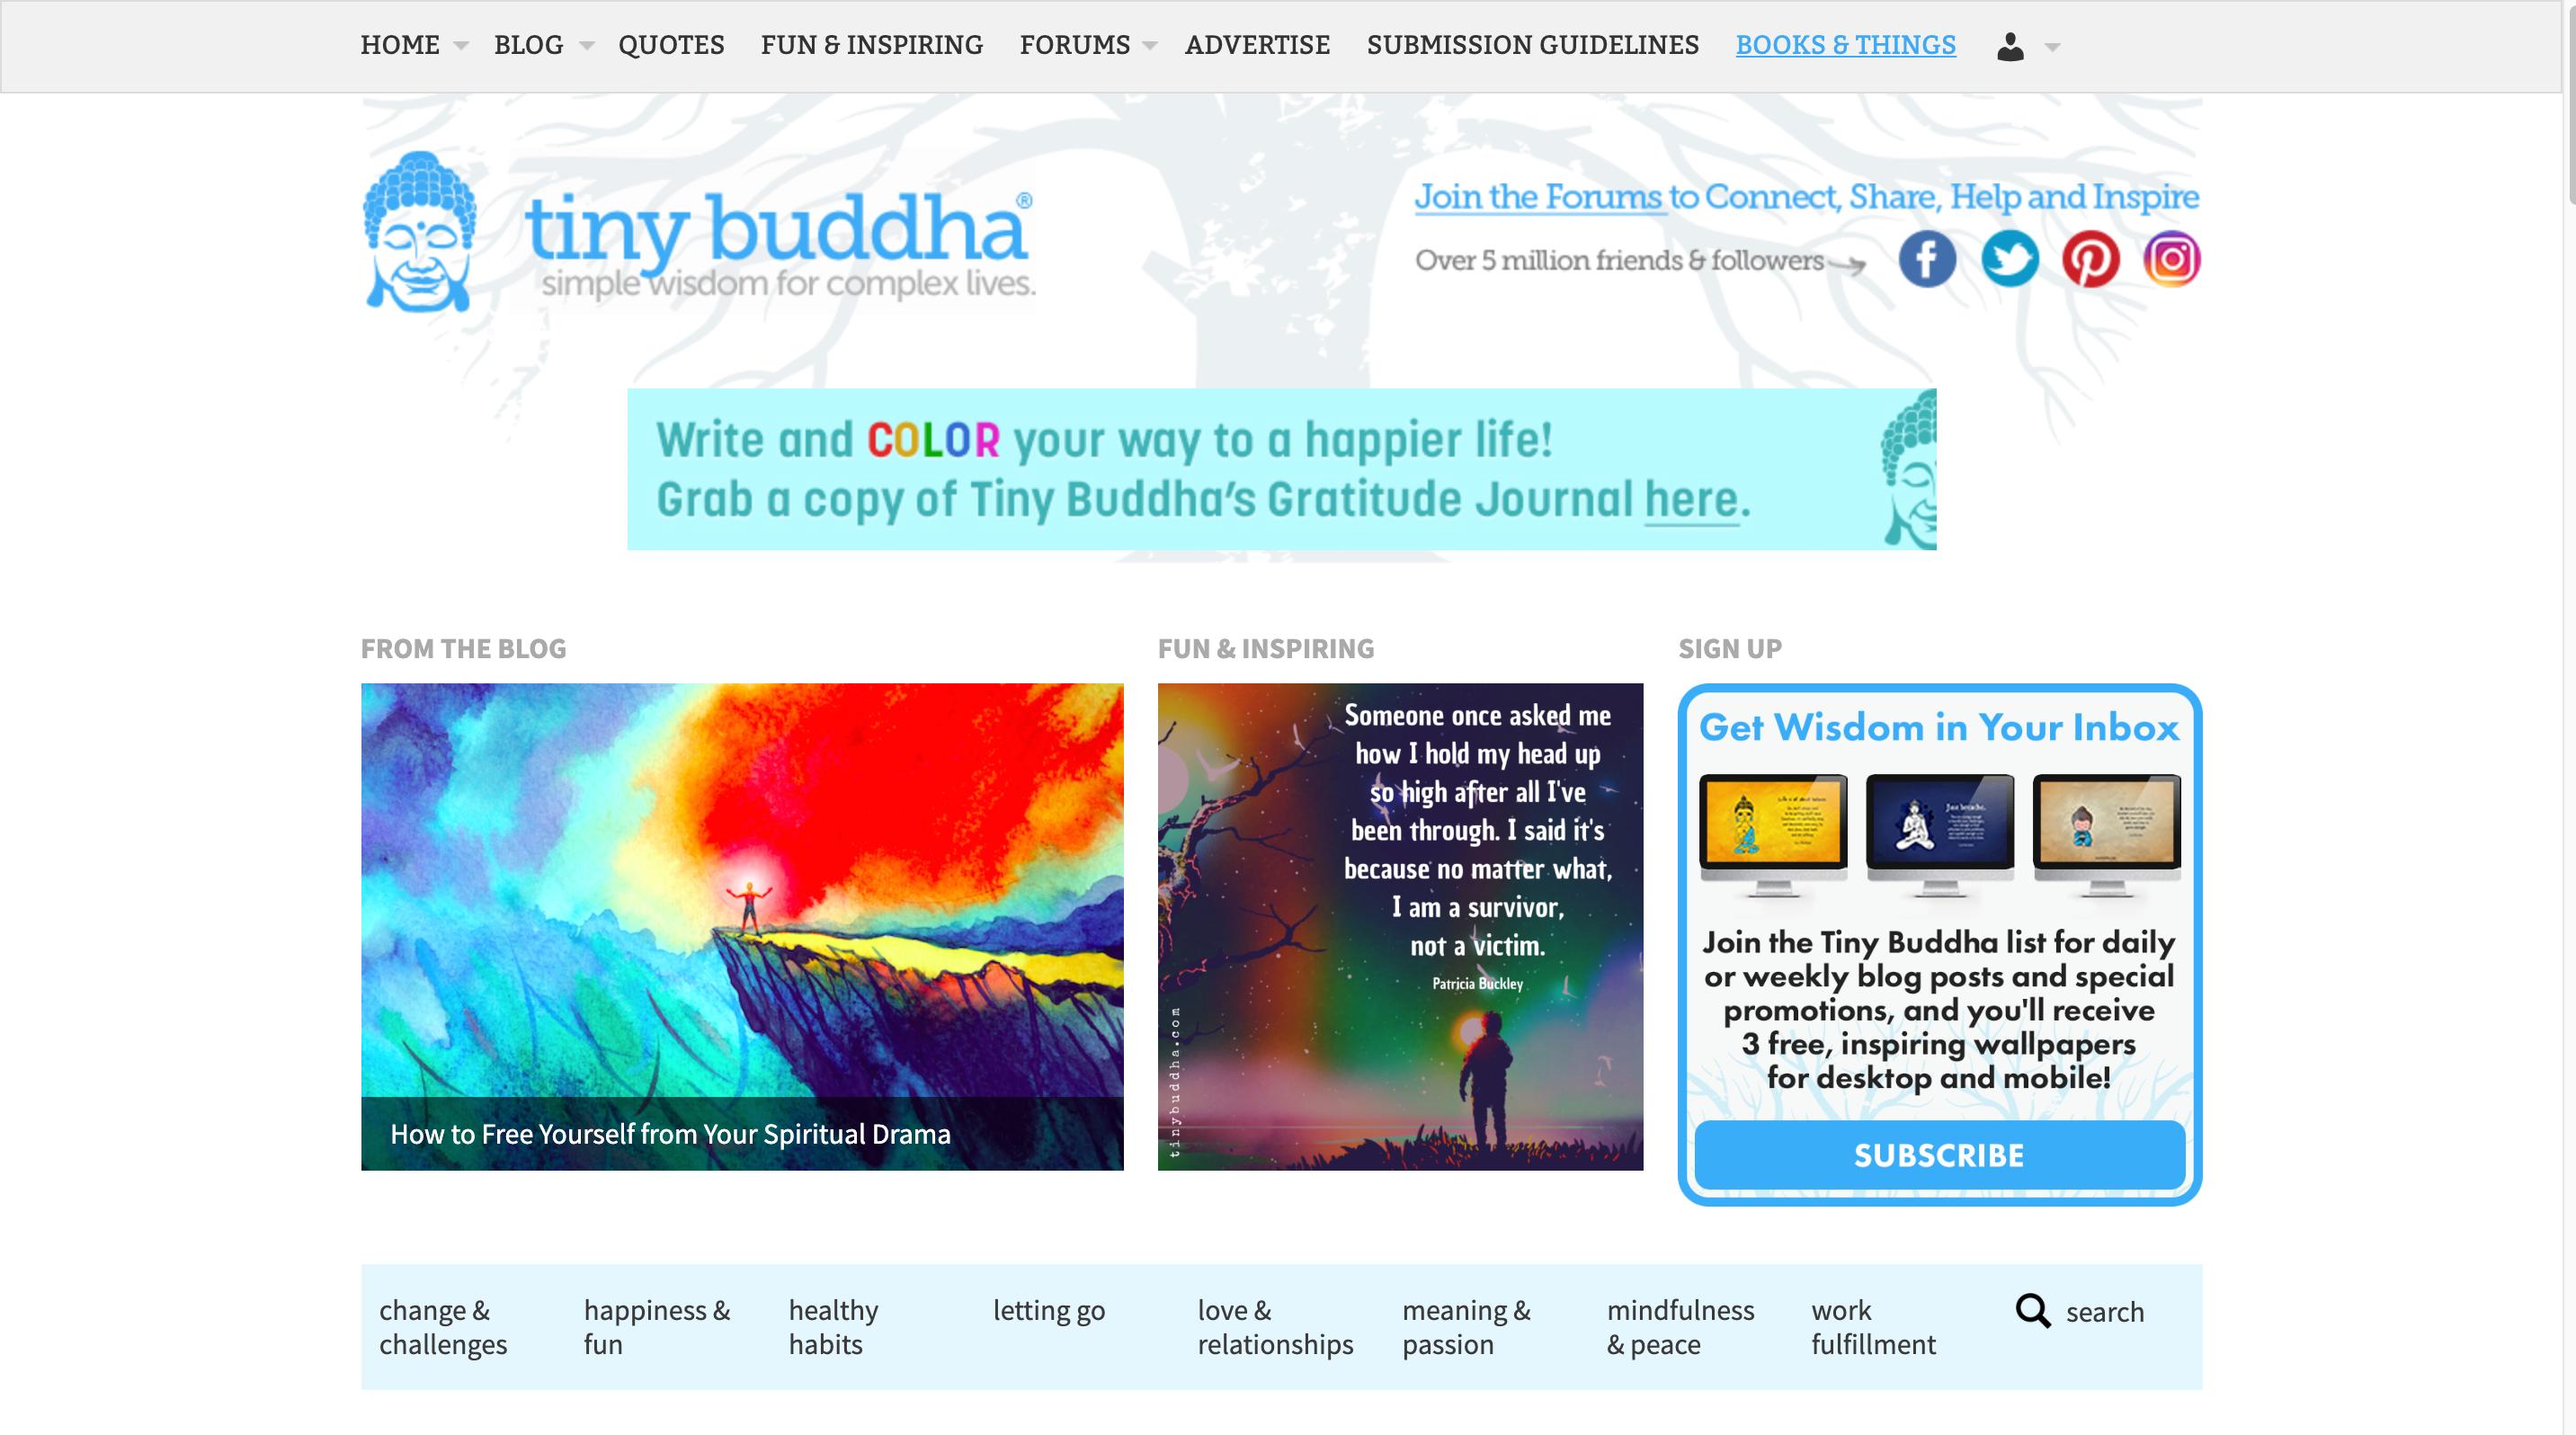 Tiny Buddha owned social media community